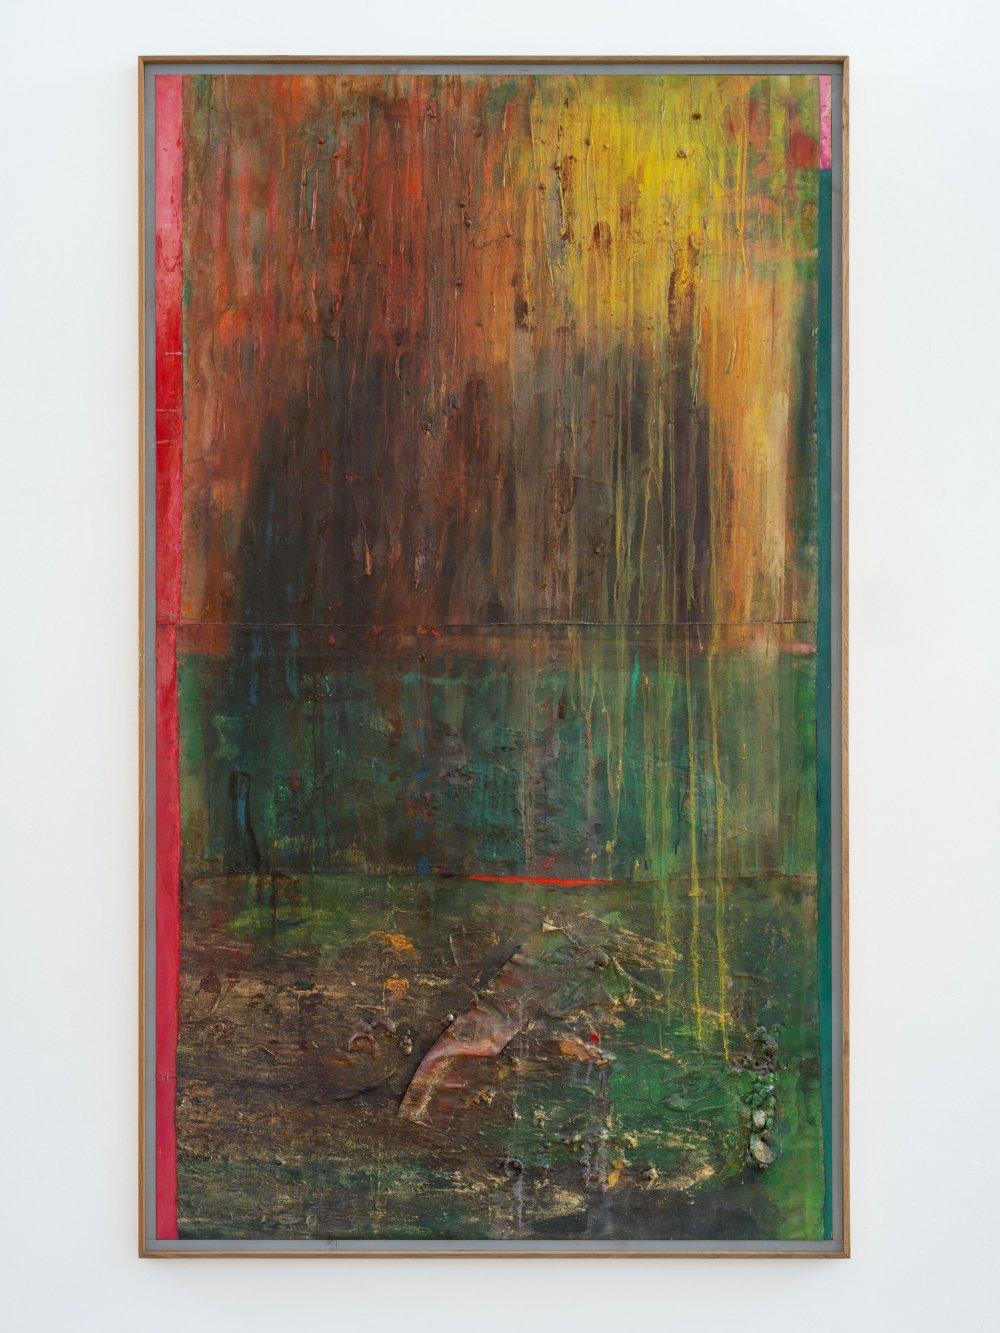 Pondlife (After Millais)